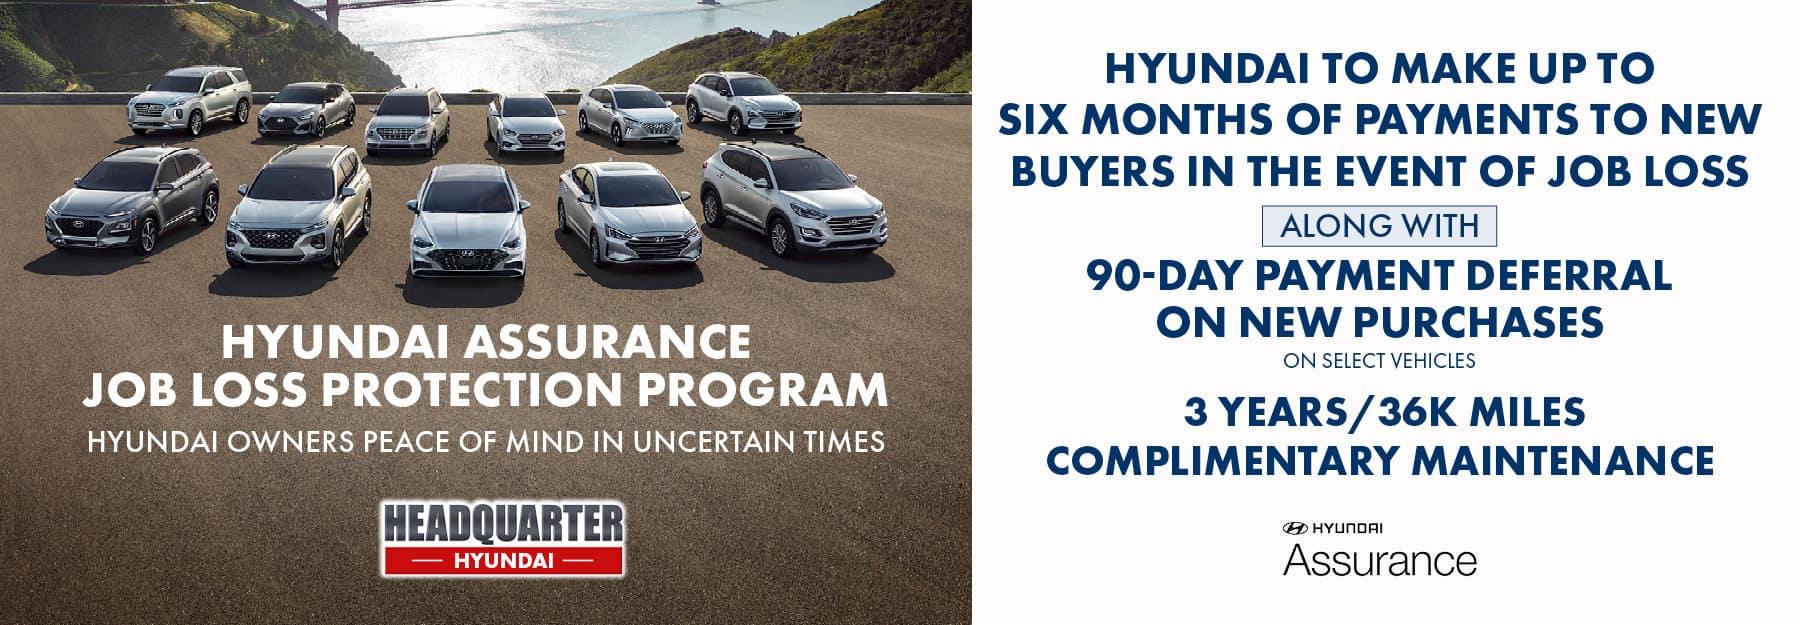 r2HQ Hyundai Assurance 1800×625